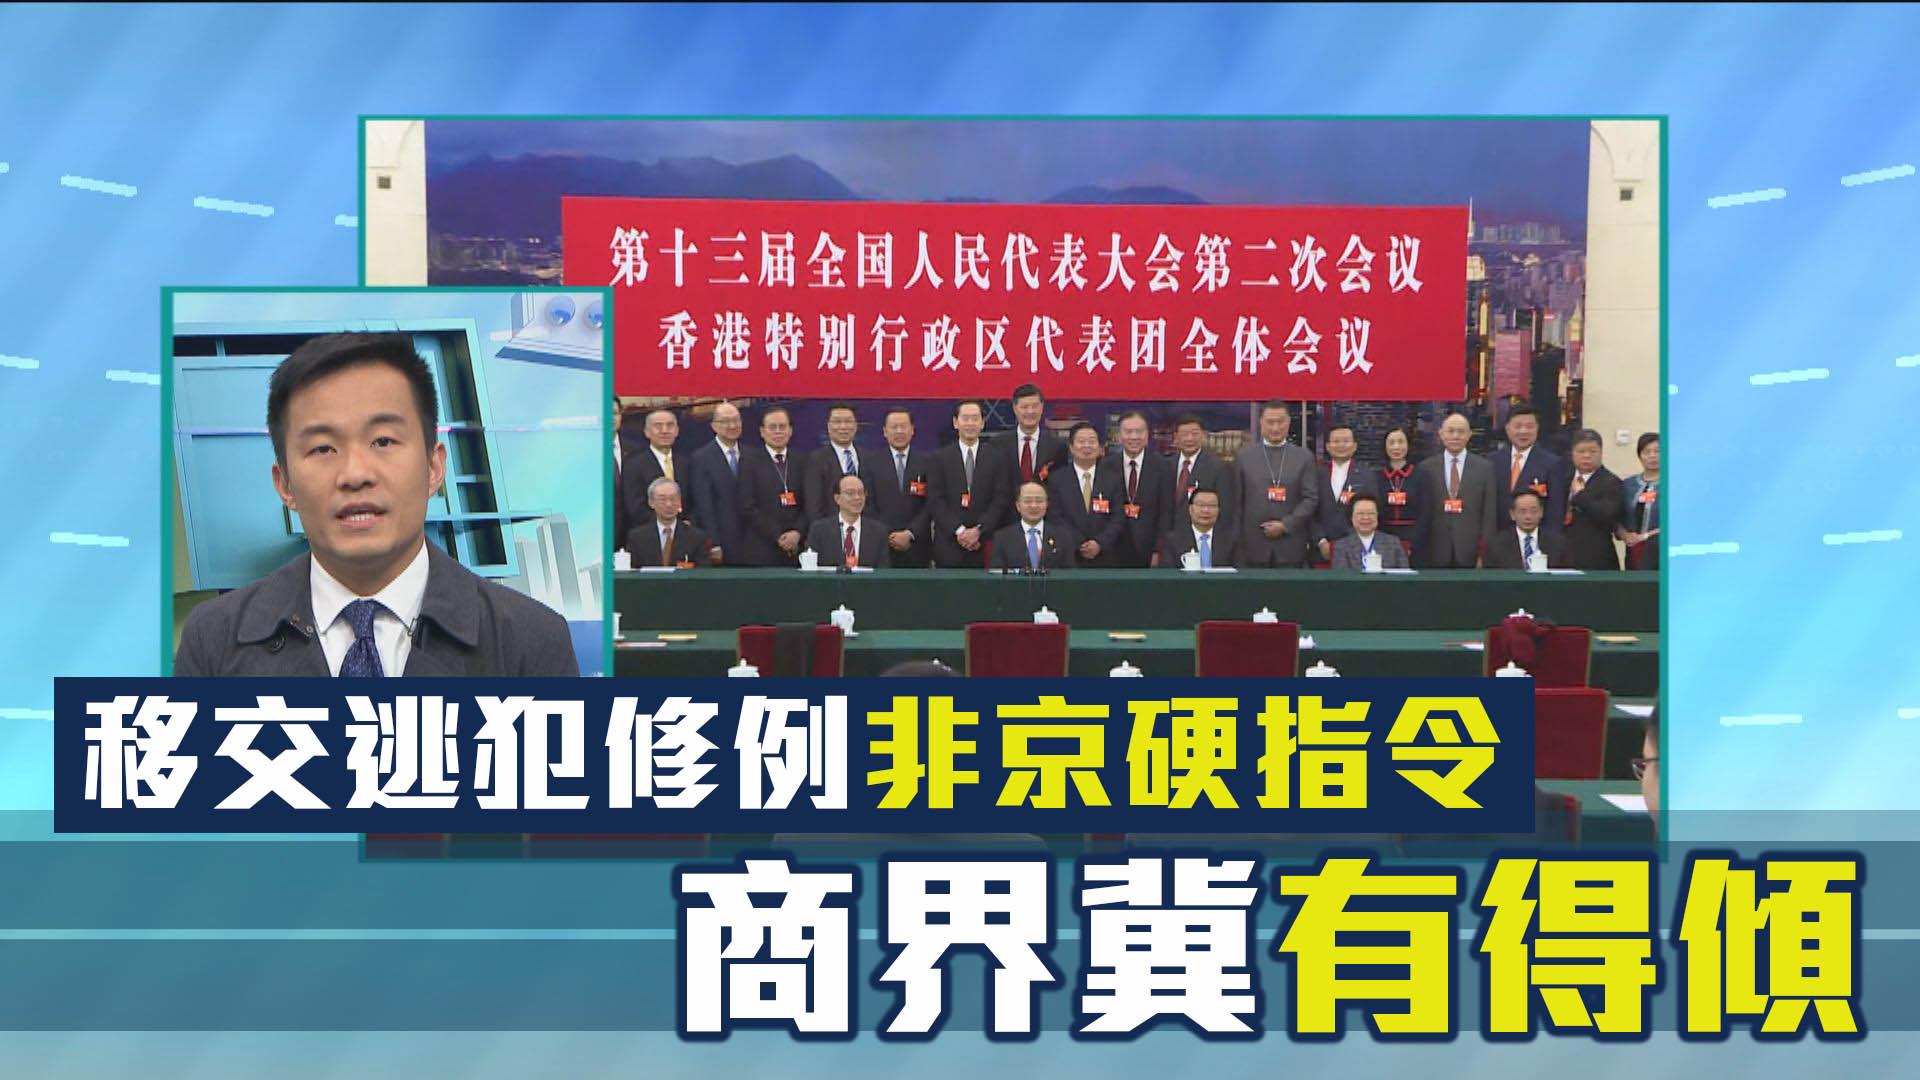 【政情】移交逃犯修例非京硬指令 商界冀有得傾